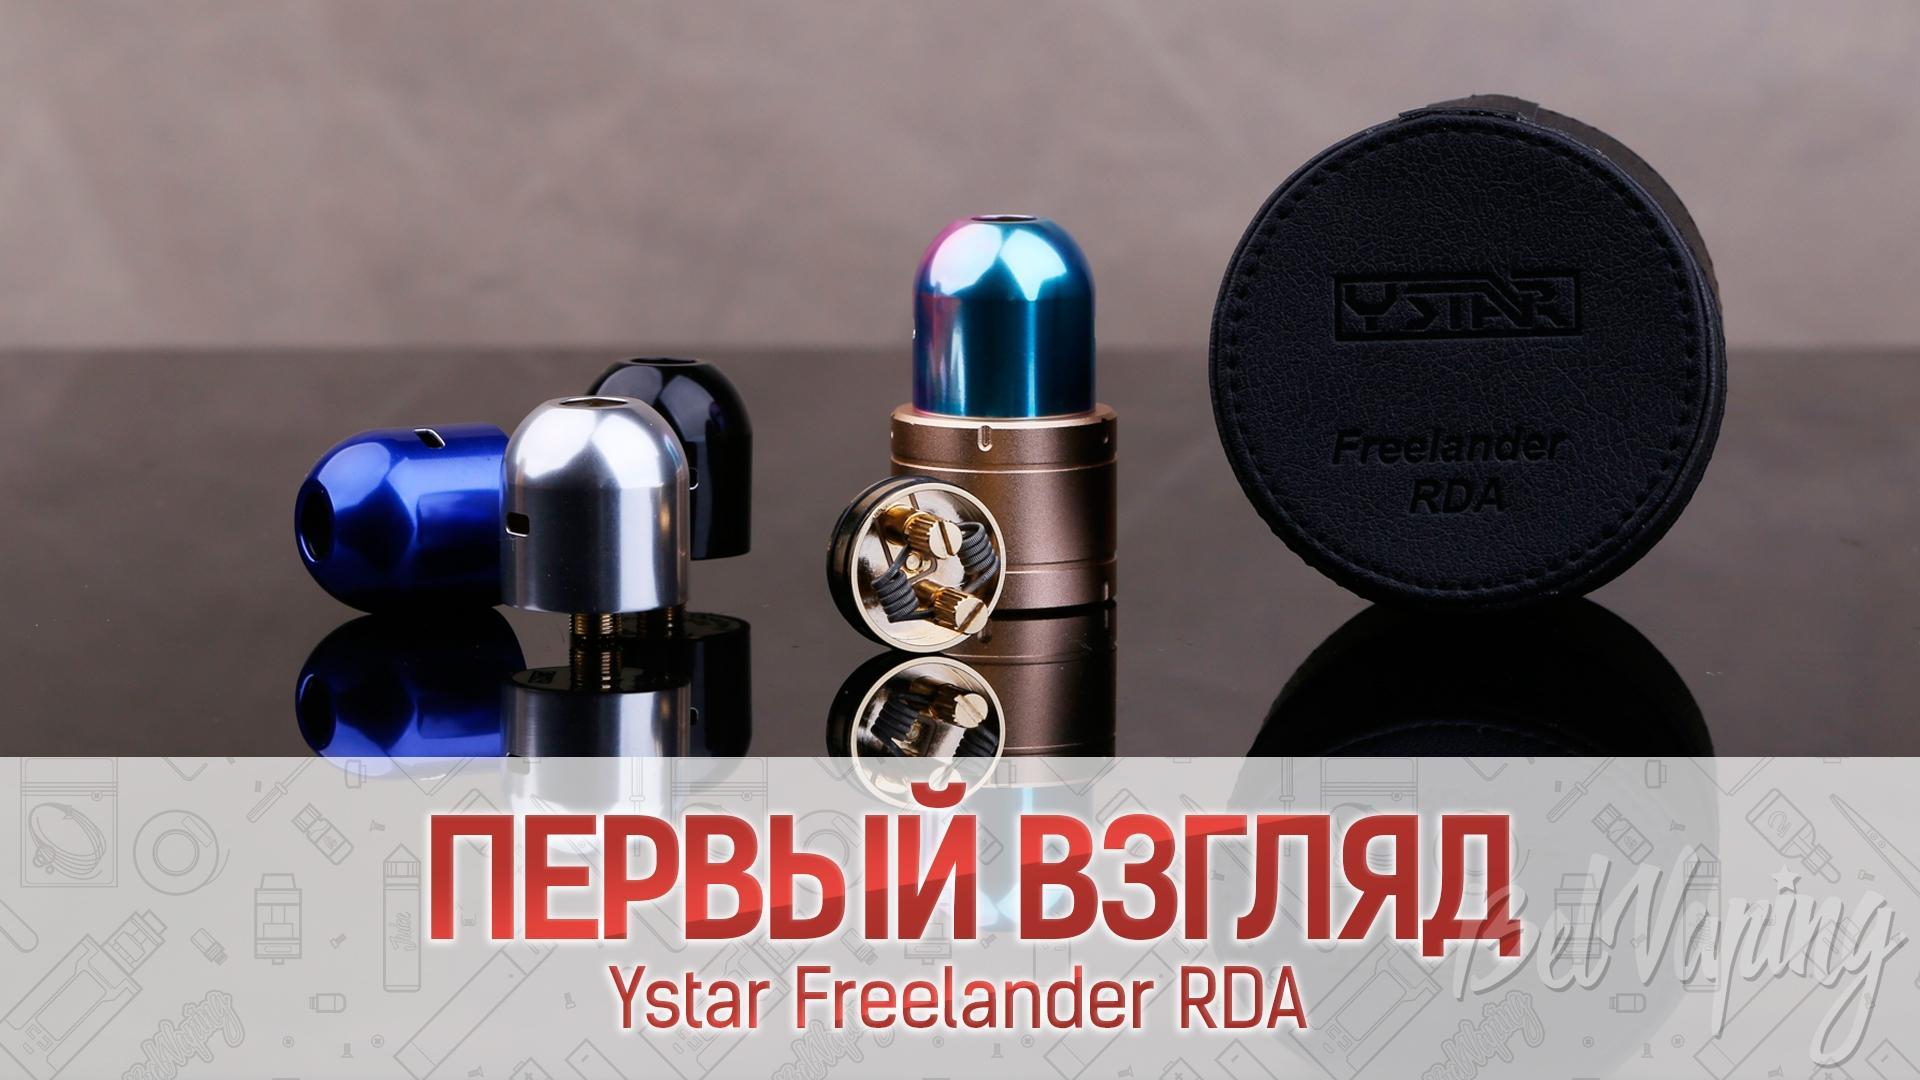 Ystar Freelander RDA. Первый взгляд